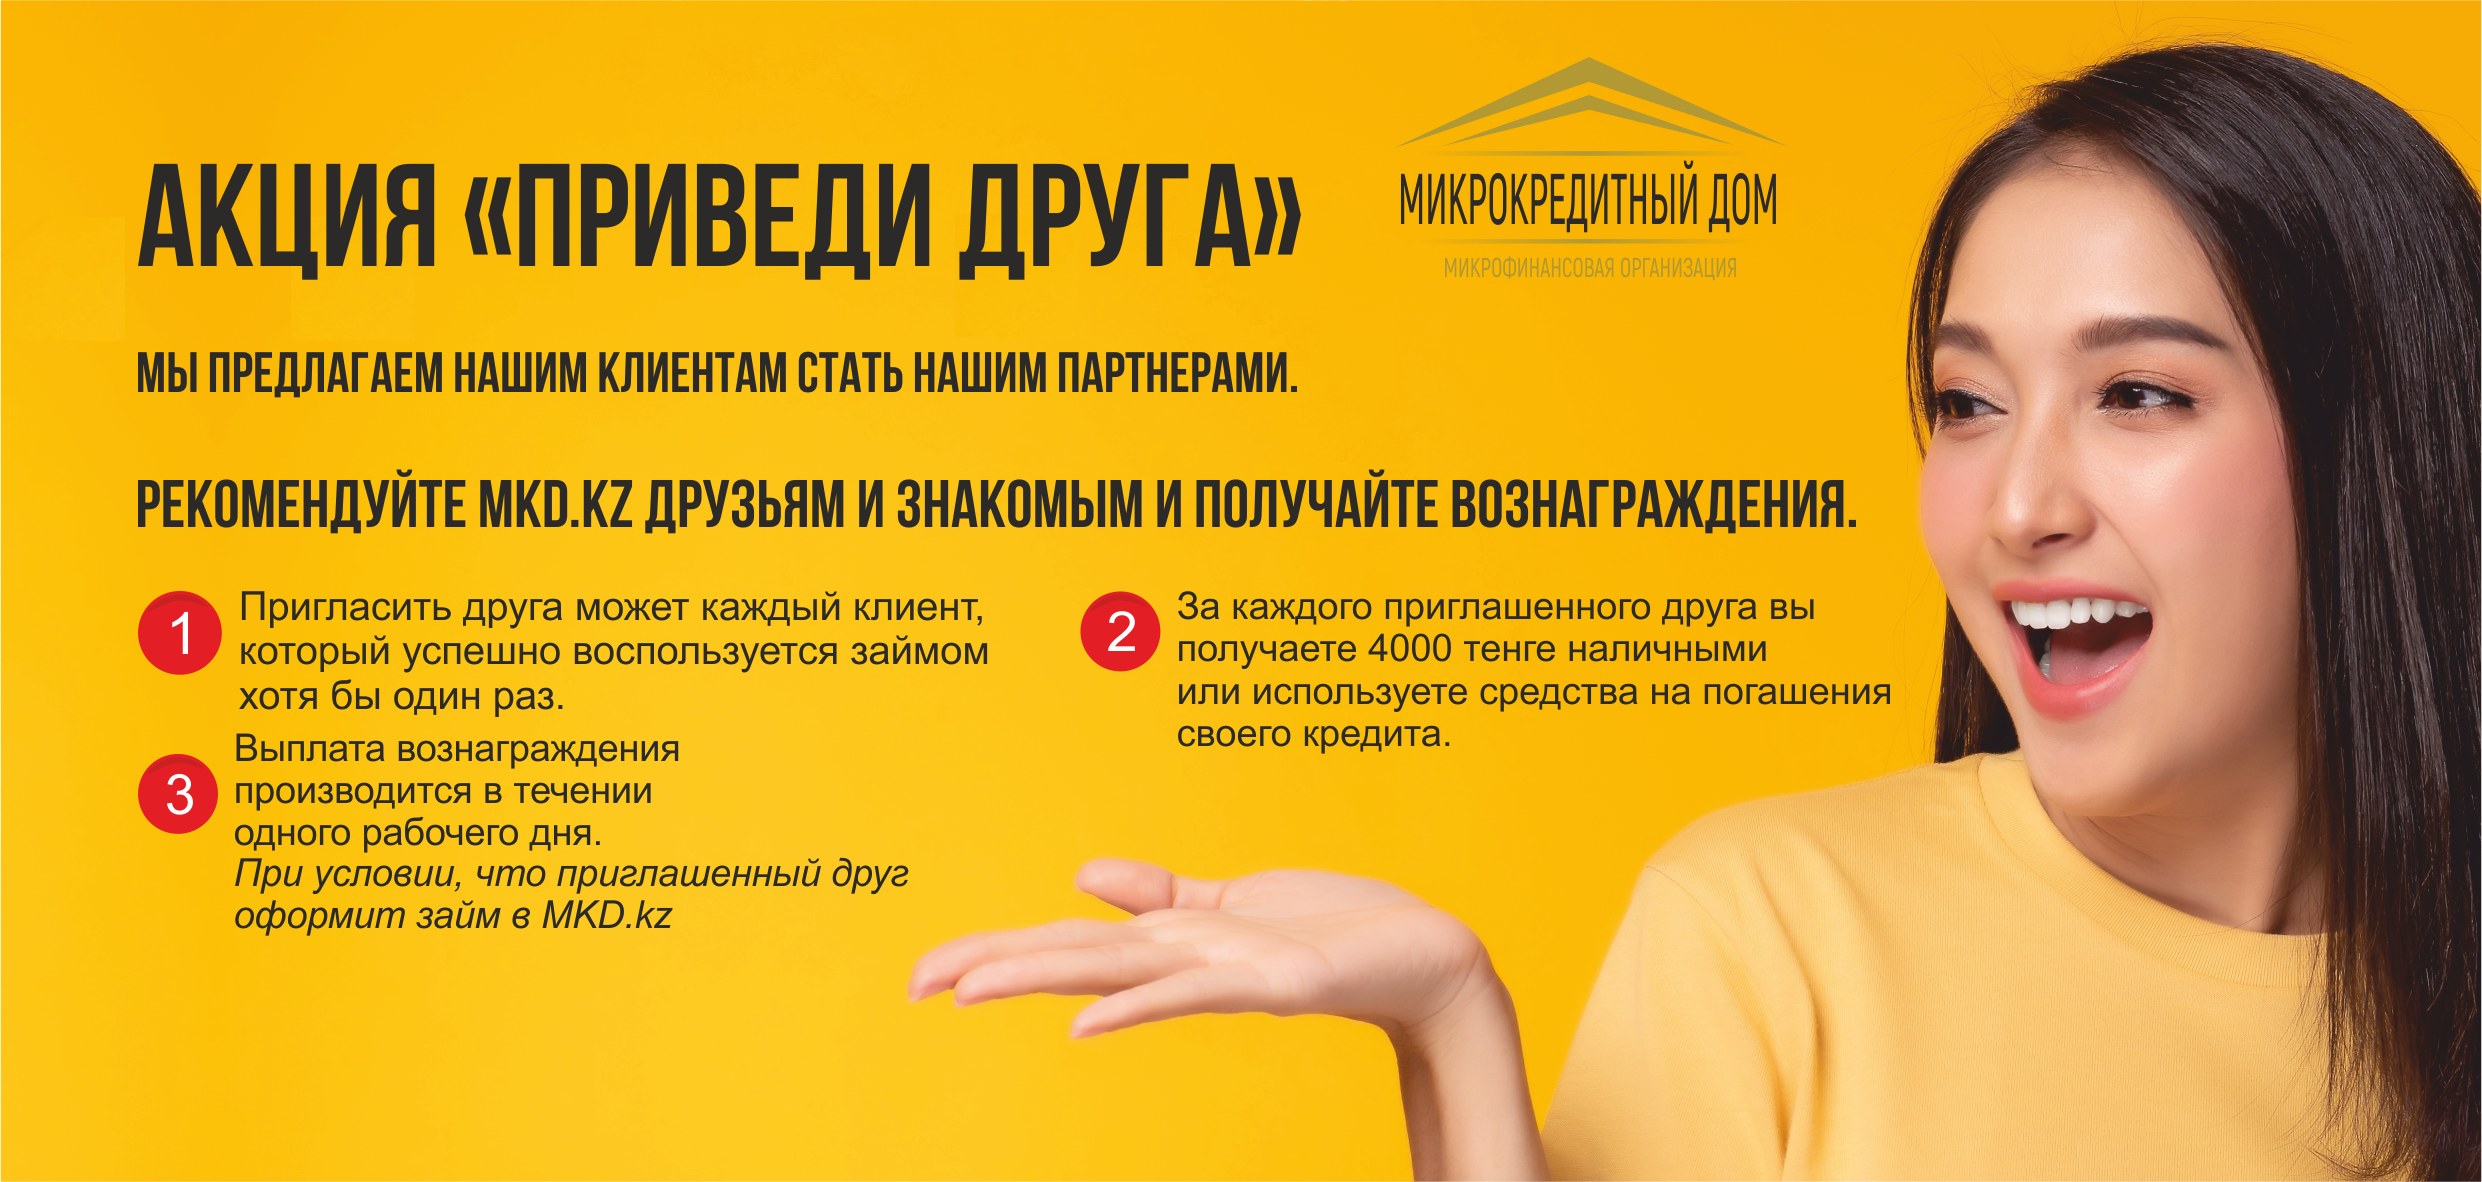 loan_akcia_drug